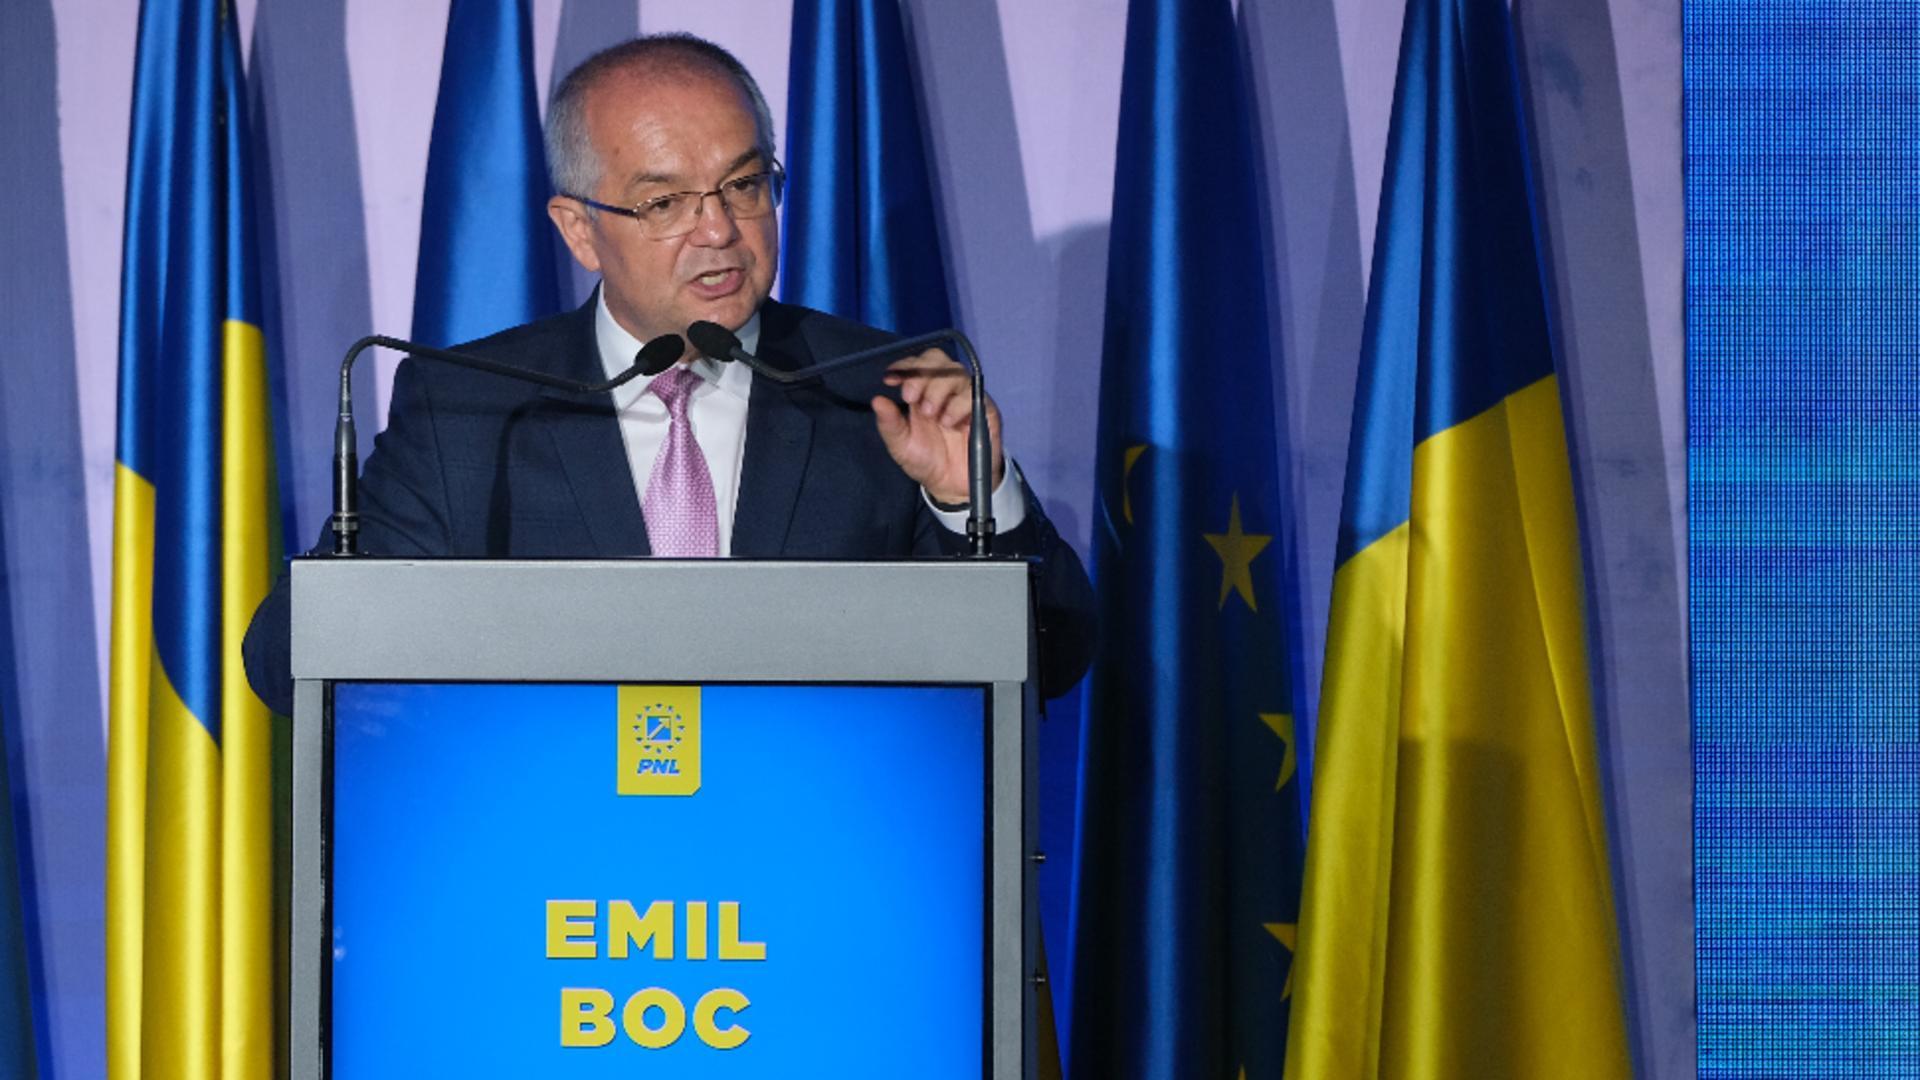 Emil Boc / Foto: Inquam Photos